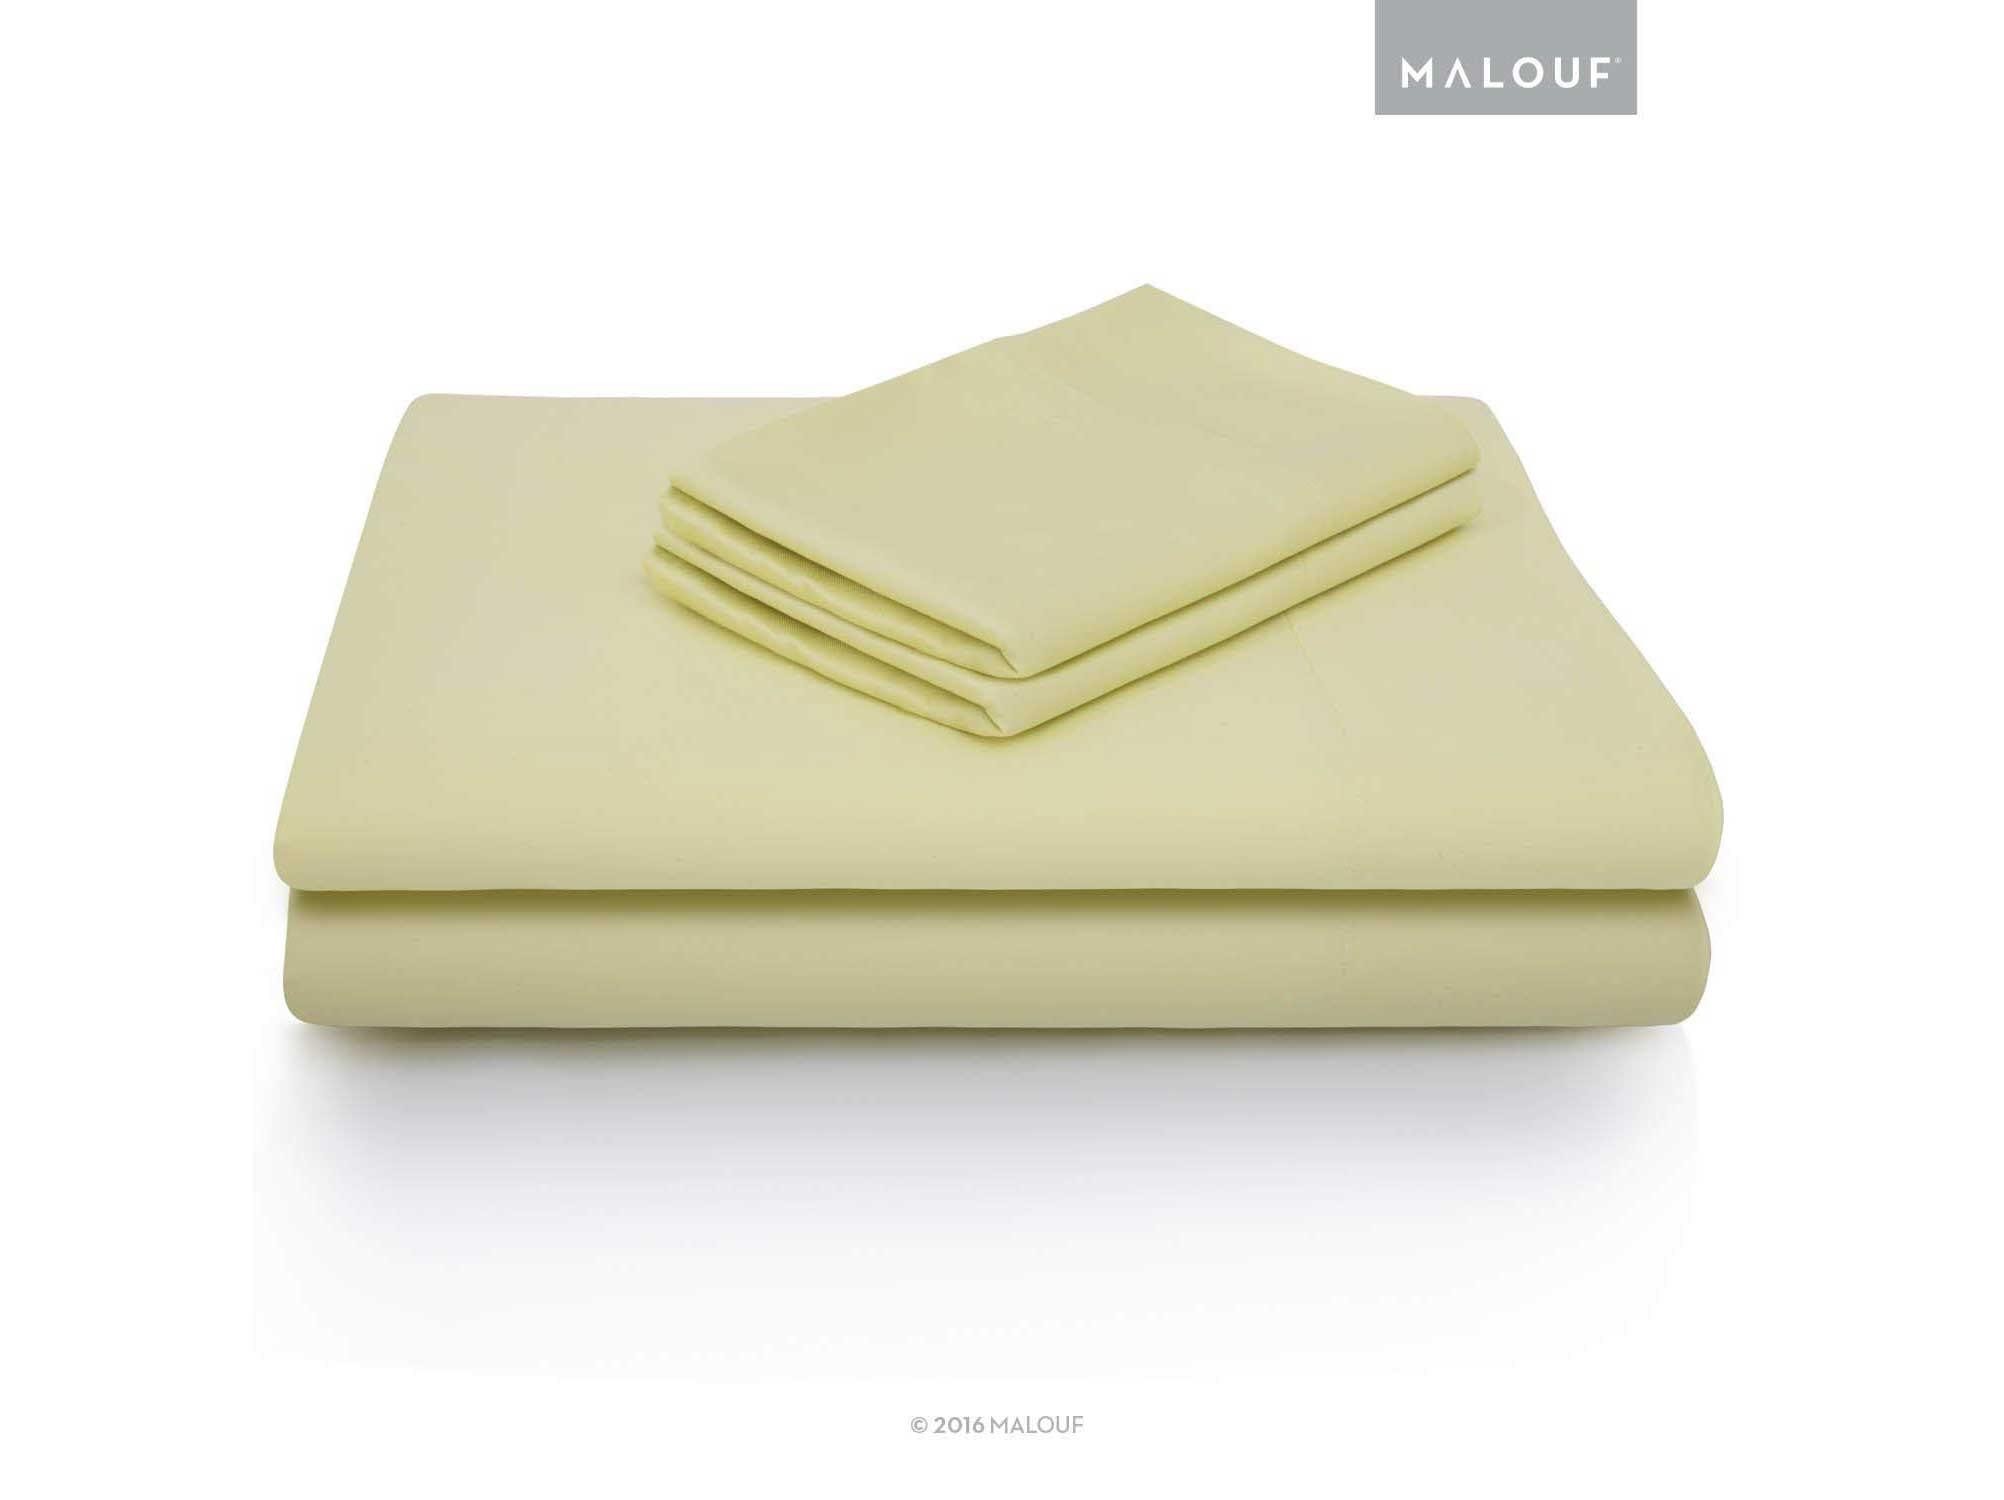 Malouf Bamboo Sheets Best Mattress